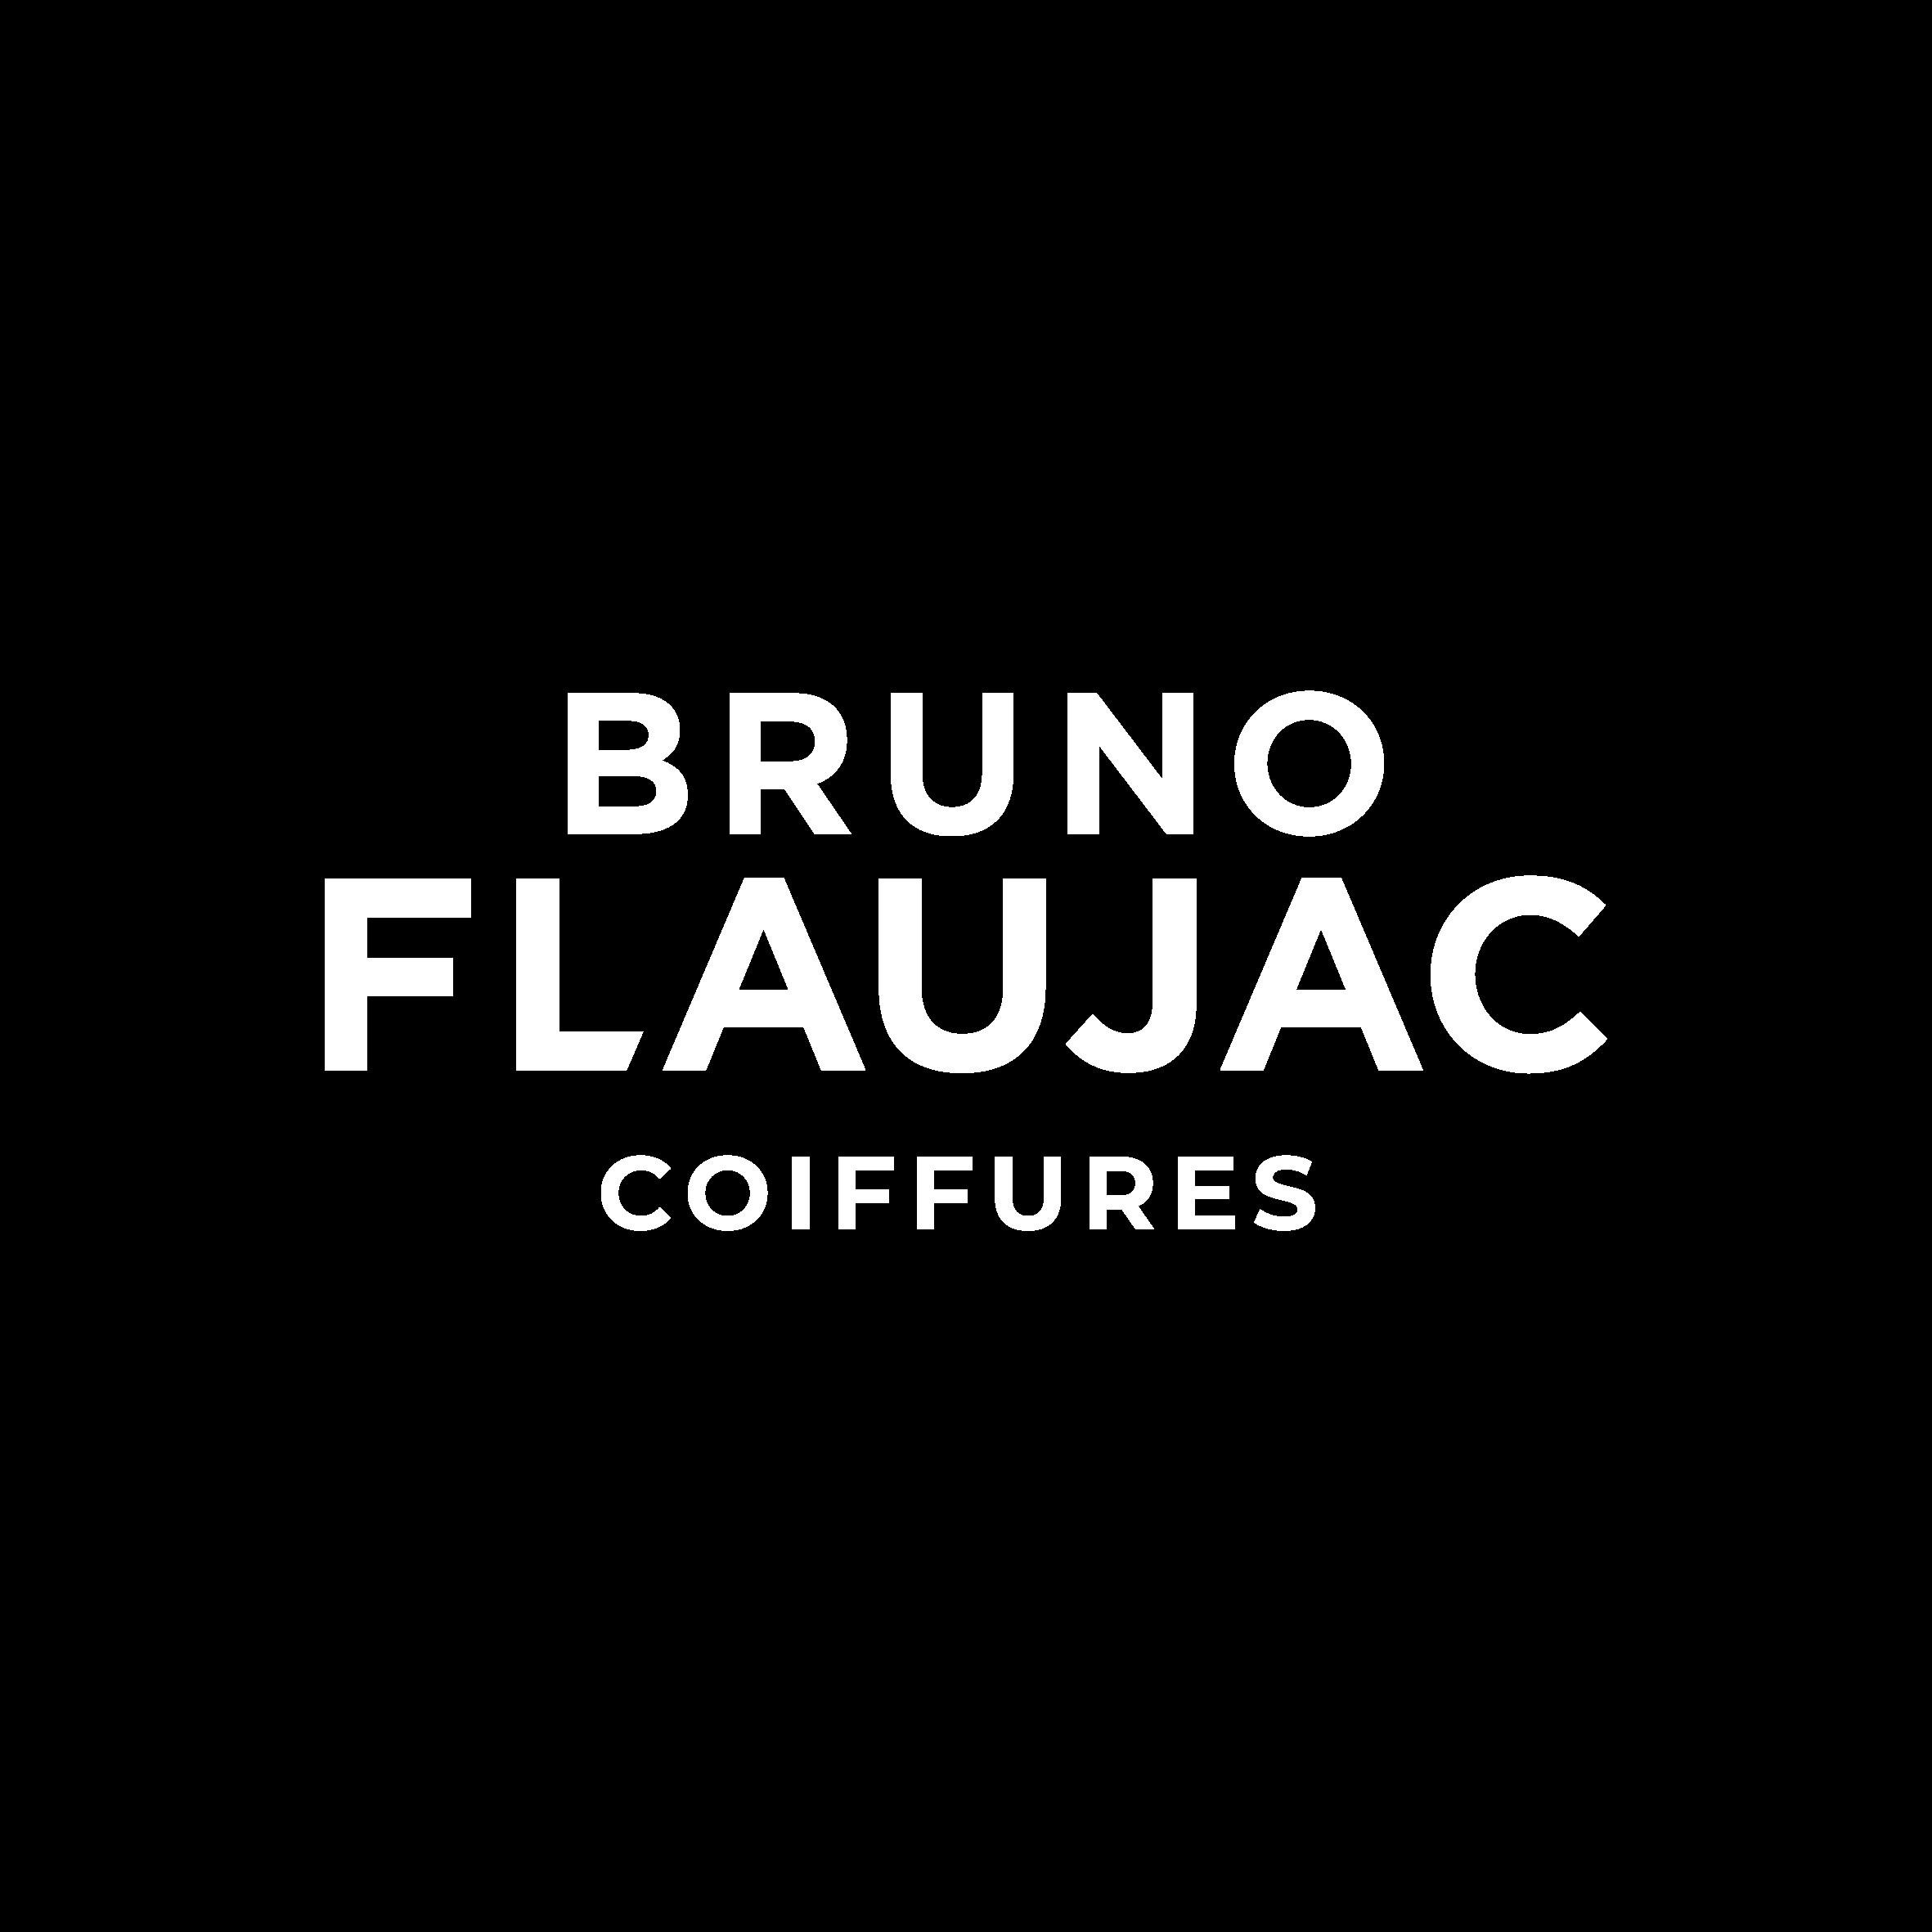 Logo BRUNO FLAUJAC MOULINS